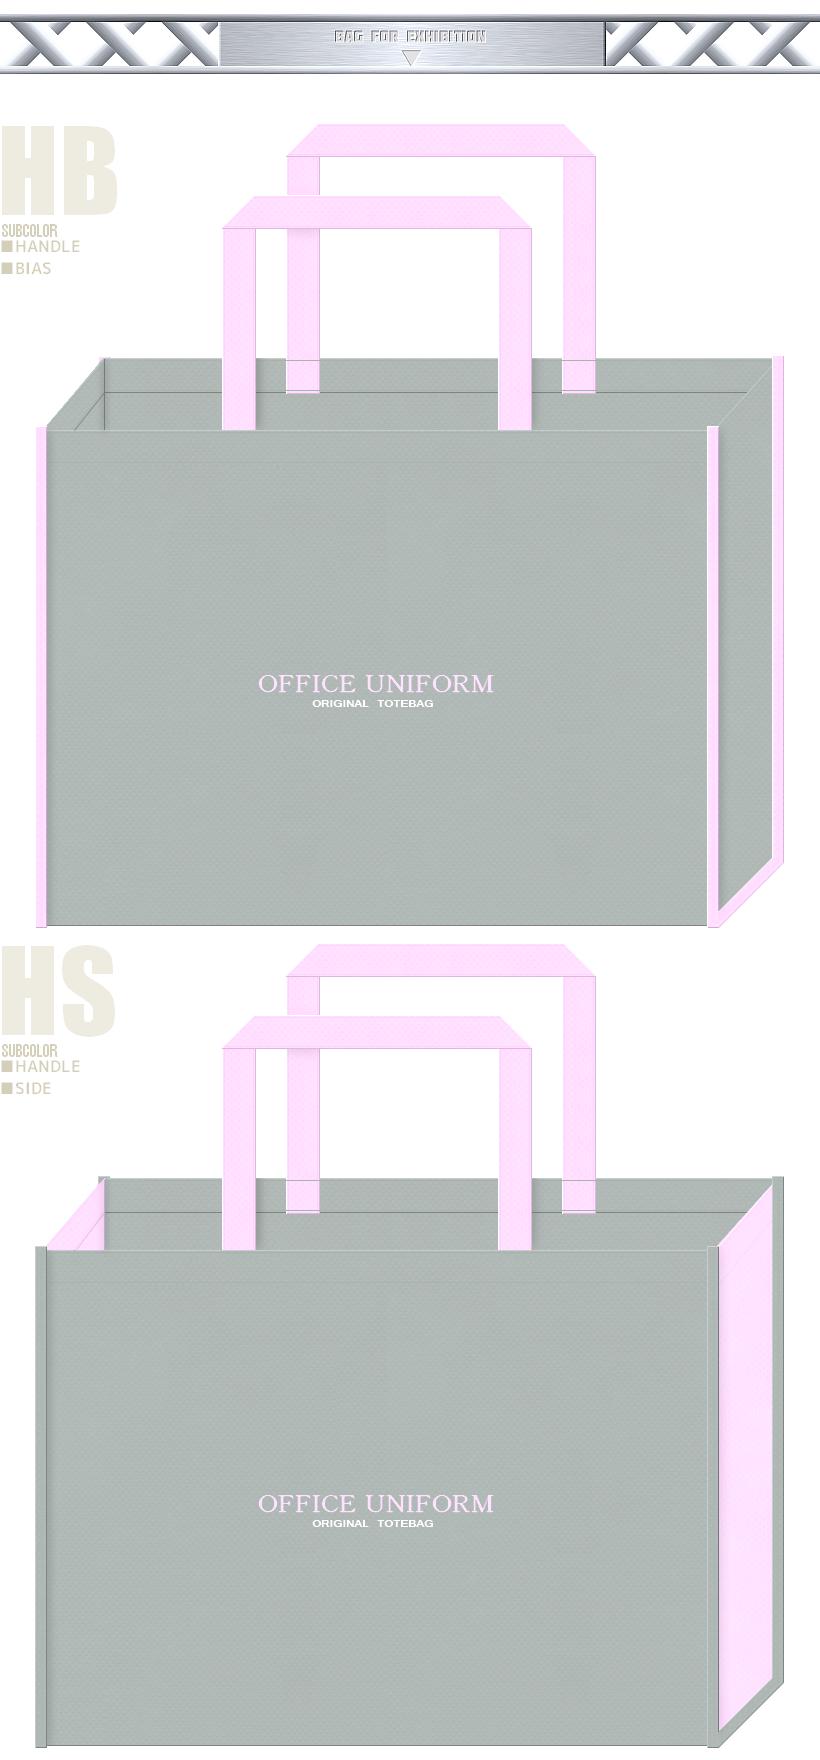 グレー色と明るいピンク色の不織布バッグデザイン:事務服の展示会用バッグ